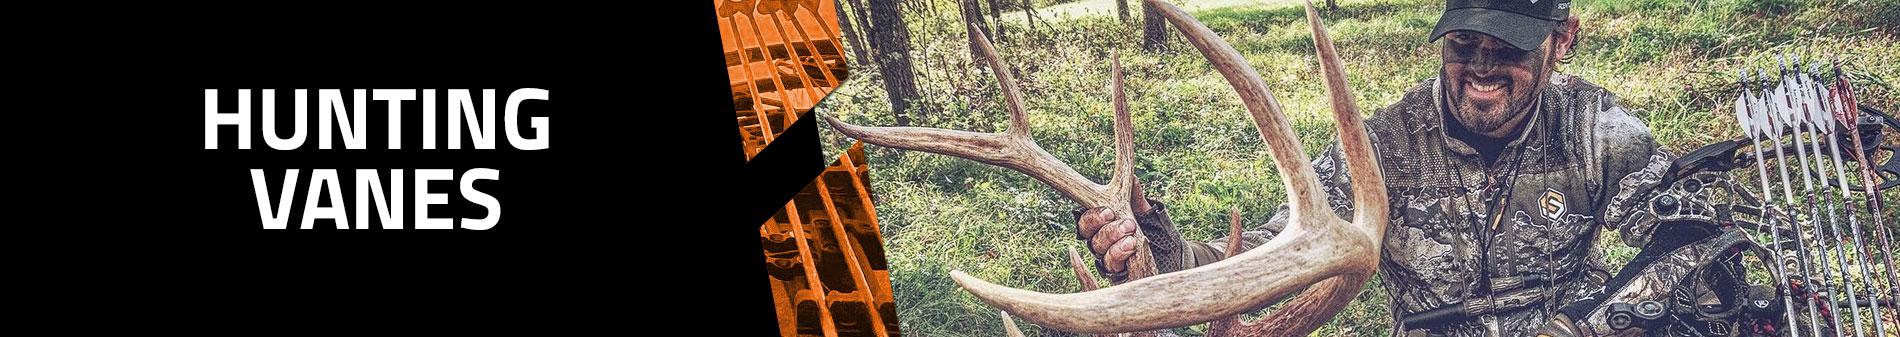 hunting-vanes.jpg